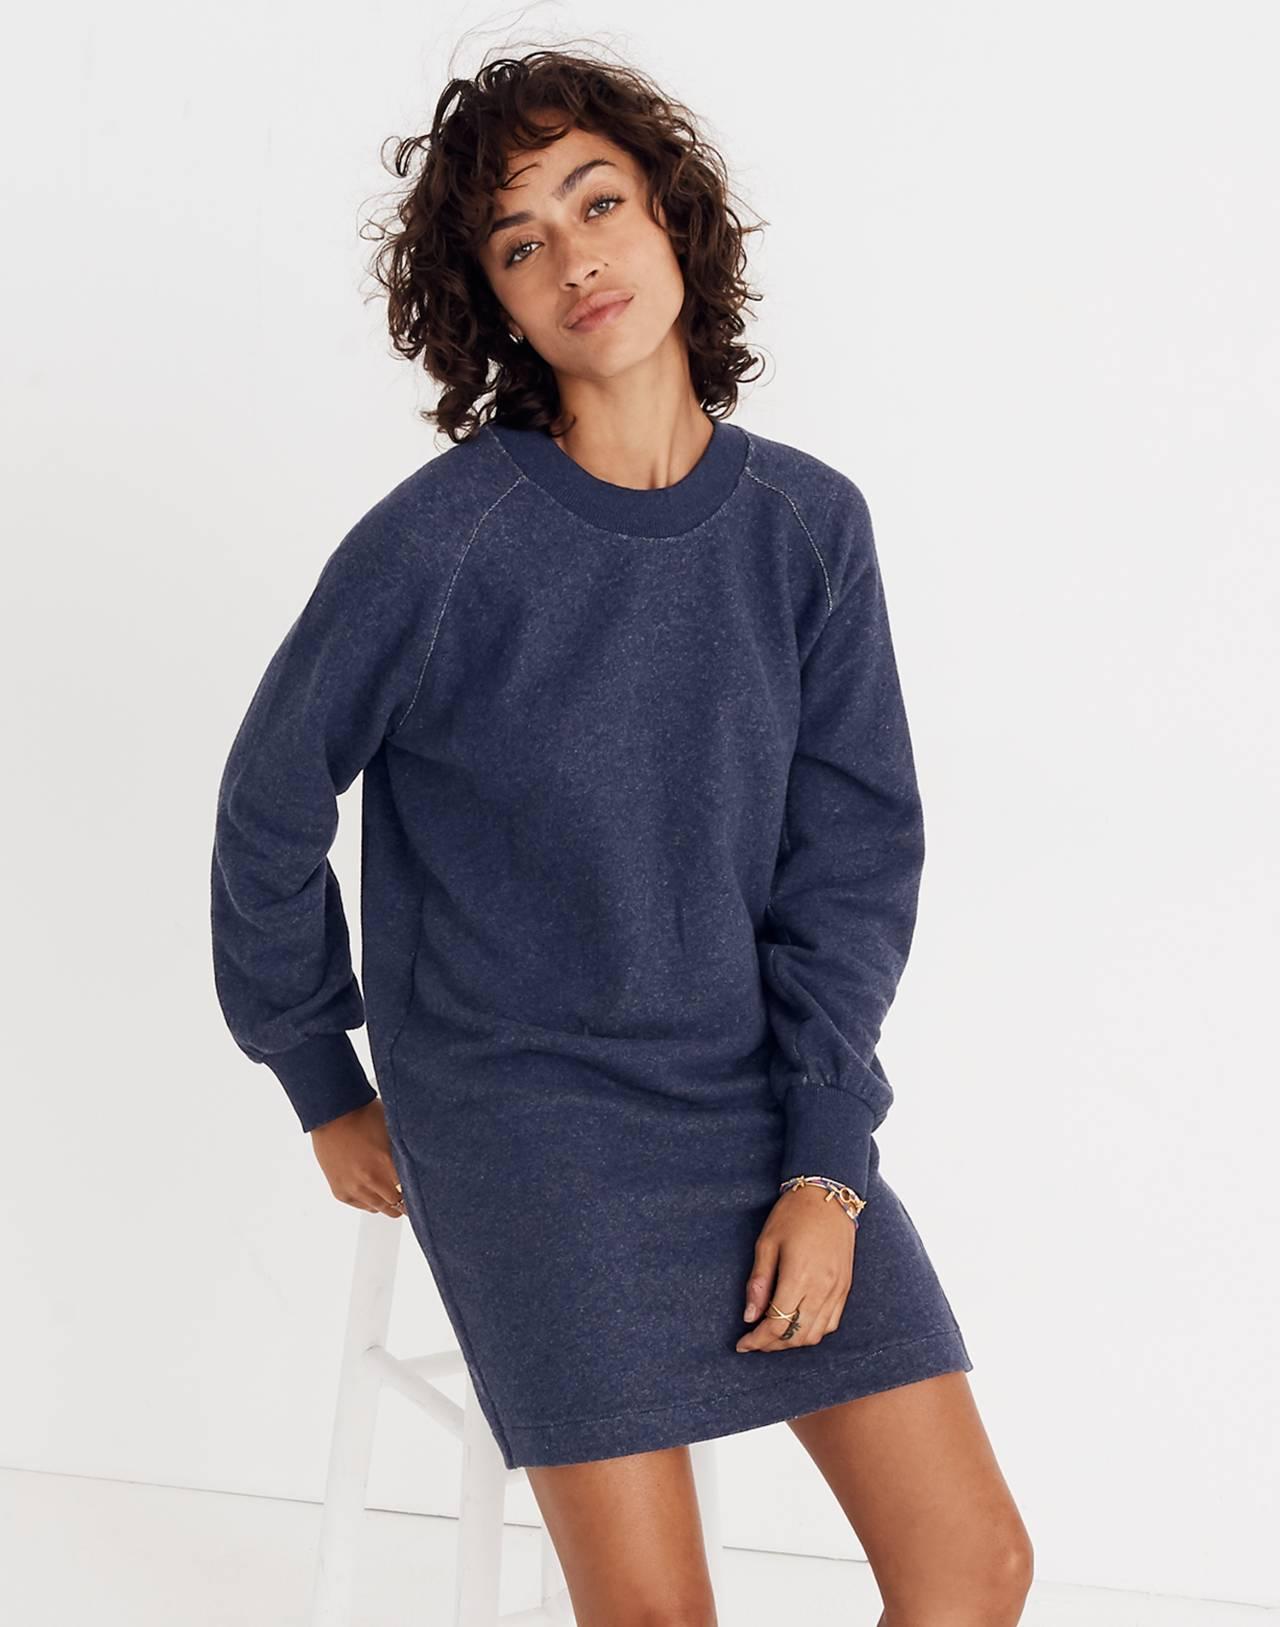 Bubble-Sleeve Sweatshirt Dress in hthr ink image 3